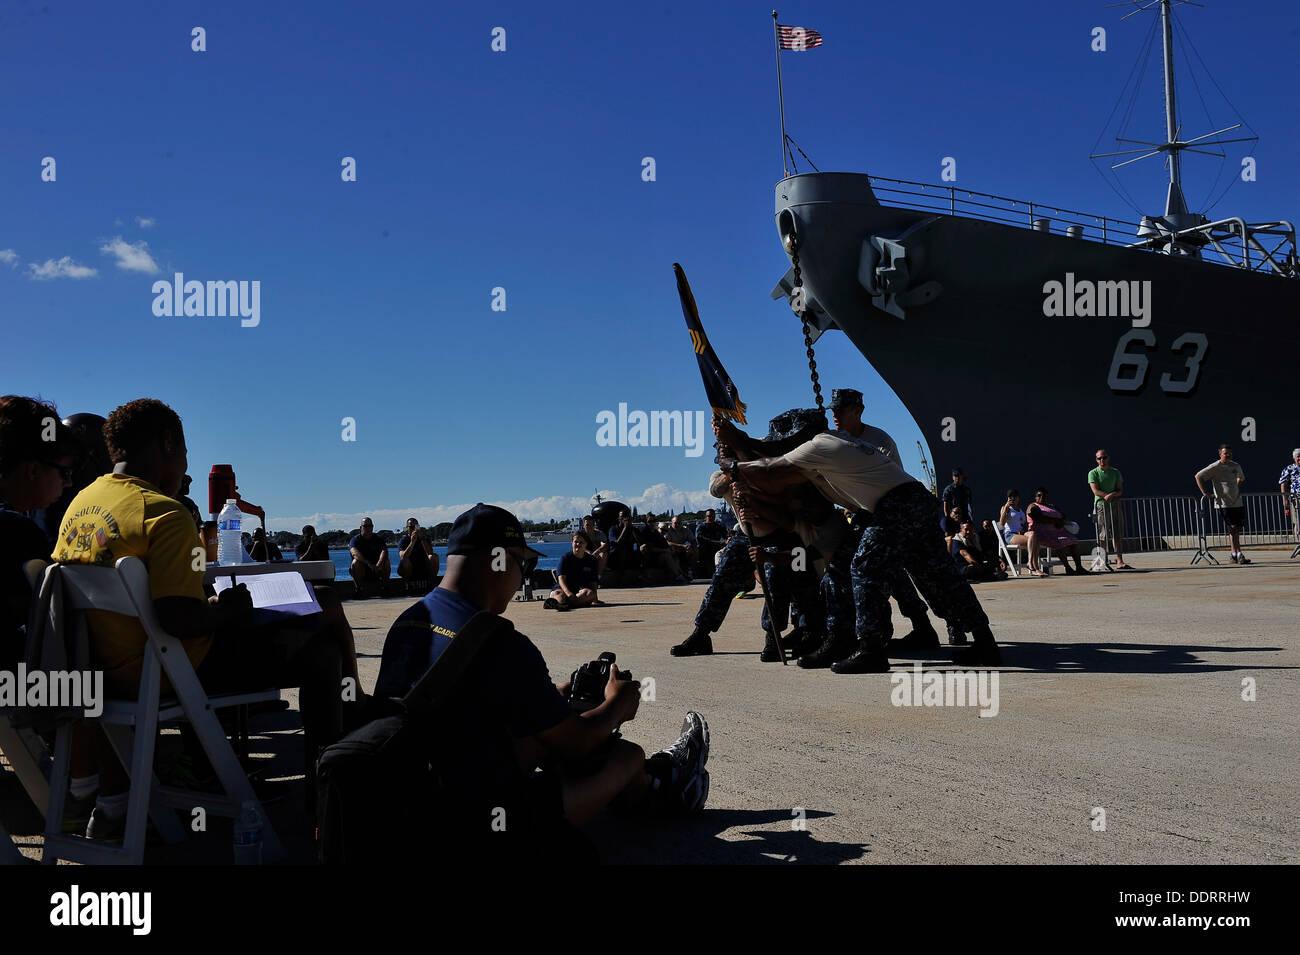 Mobile Command Unit Stock Photos & Mobile Command Unit Stock